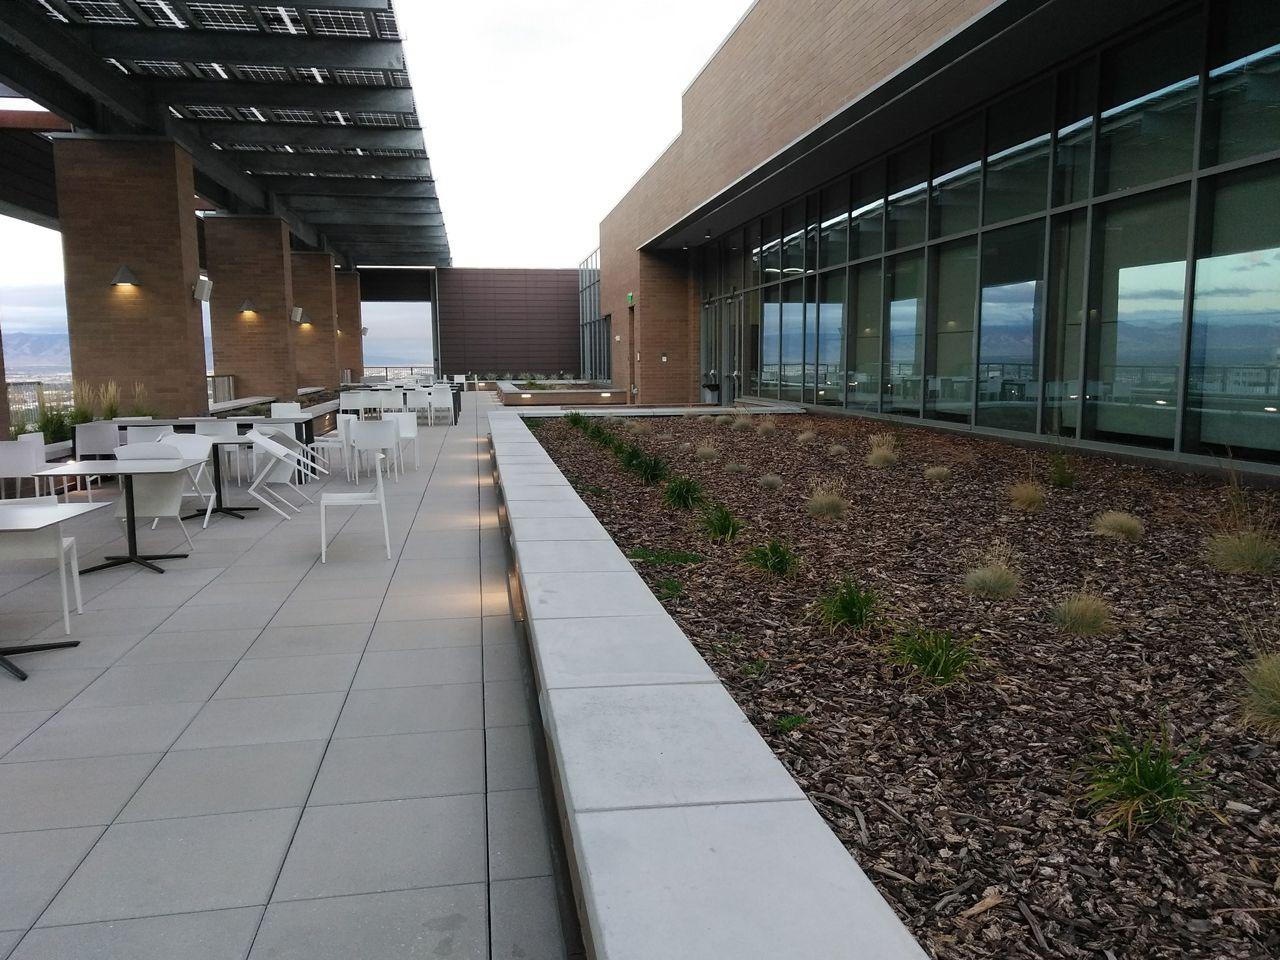 University Of Utah Quinney School Of Law Salt Lake City Ut University Of Utah Green Roof Vegetated Roofs